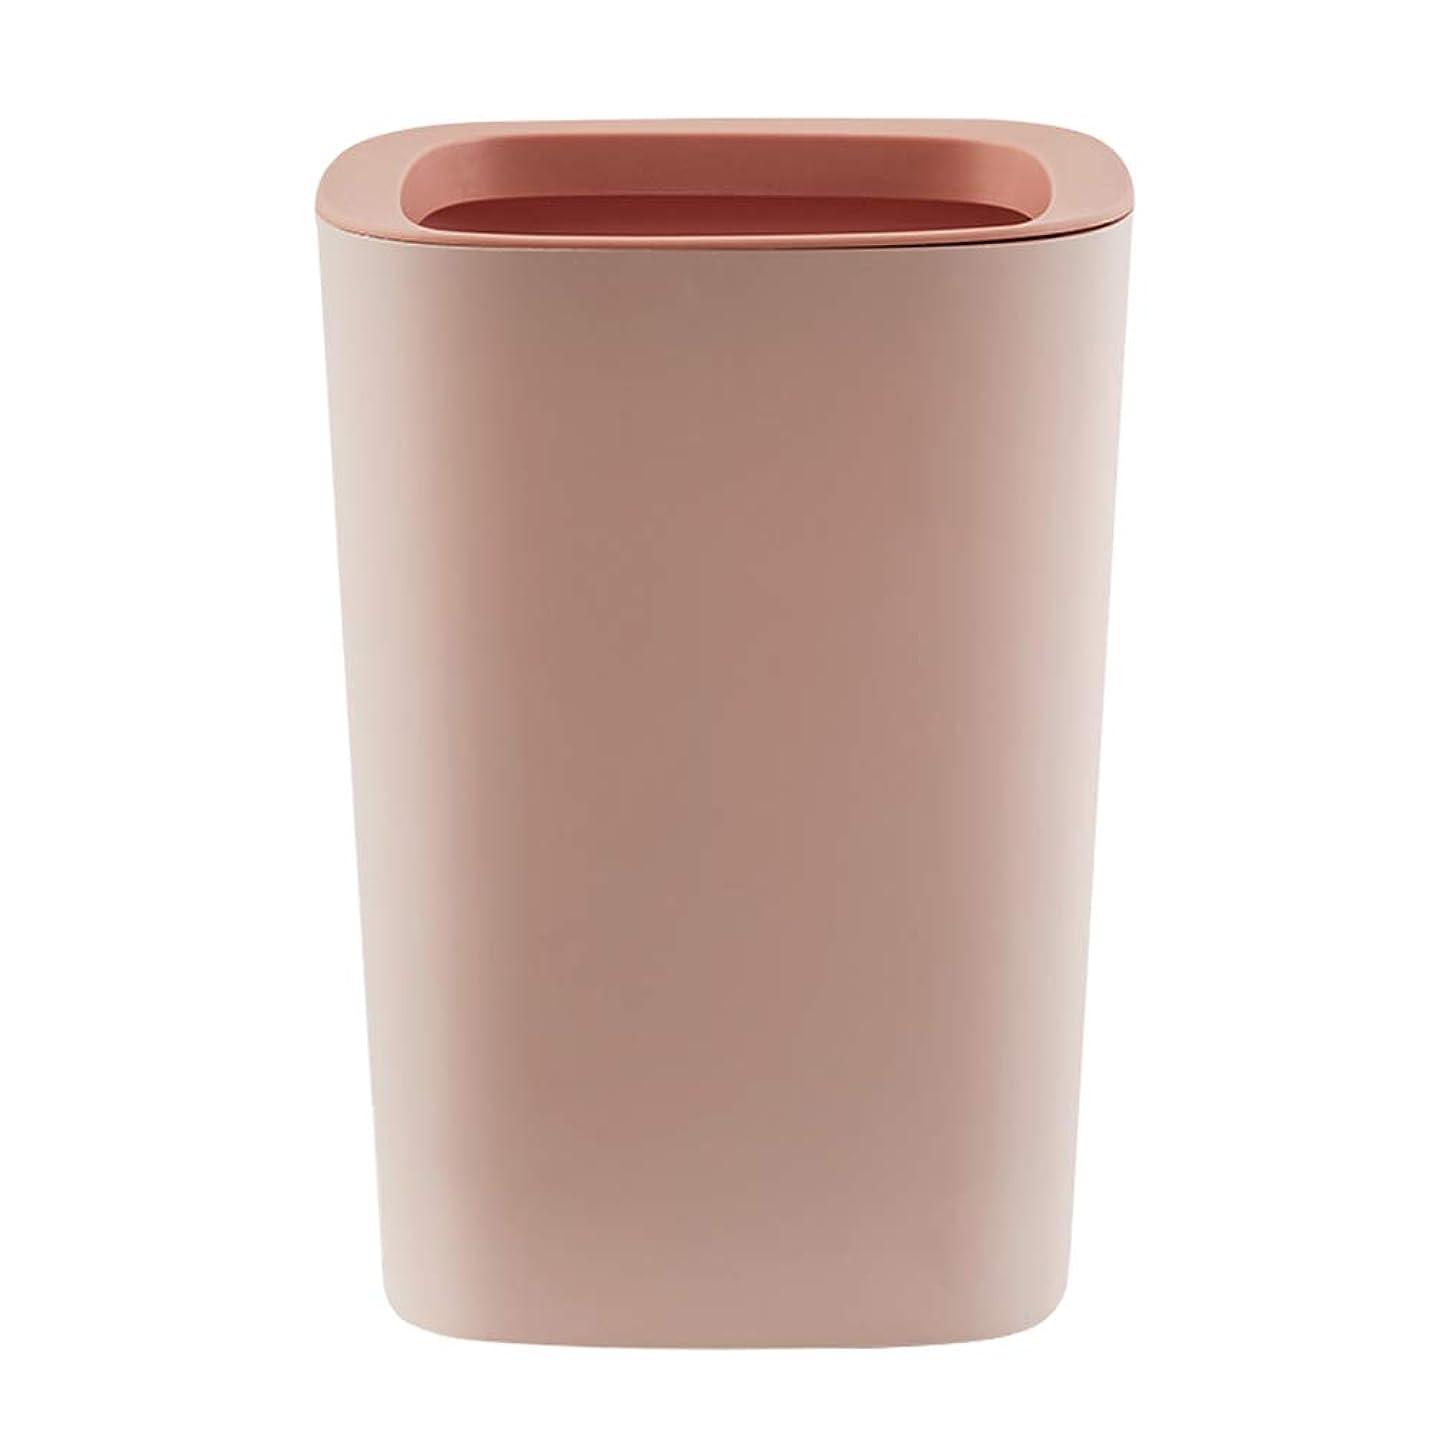 上級ブリークしないゴミ箱家庭用ゴミ箱リビングキッチンバスルームカバーなし圧力リングペーパーバスケットチューブゴミ箱新しい